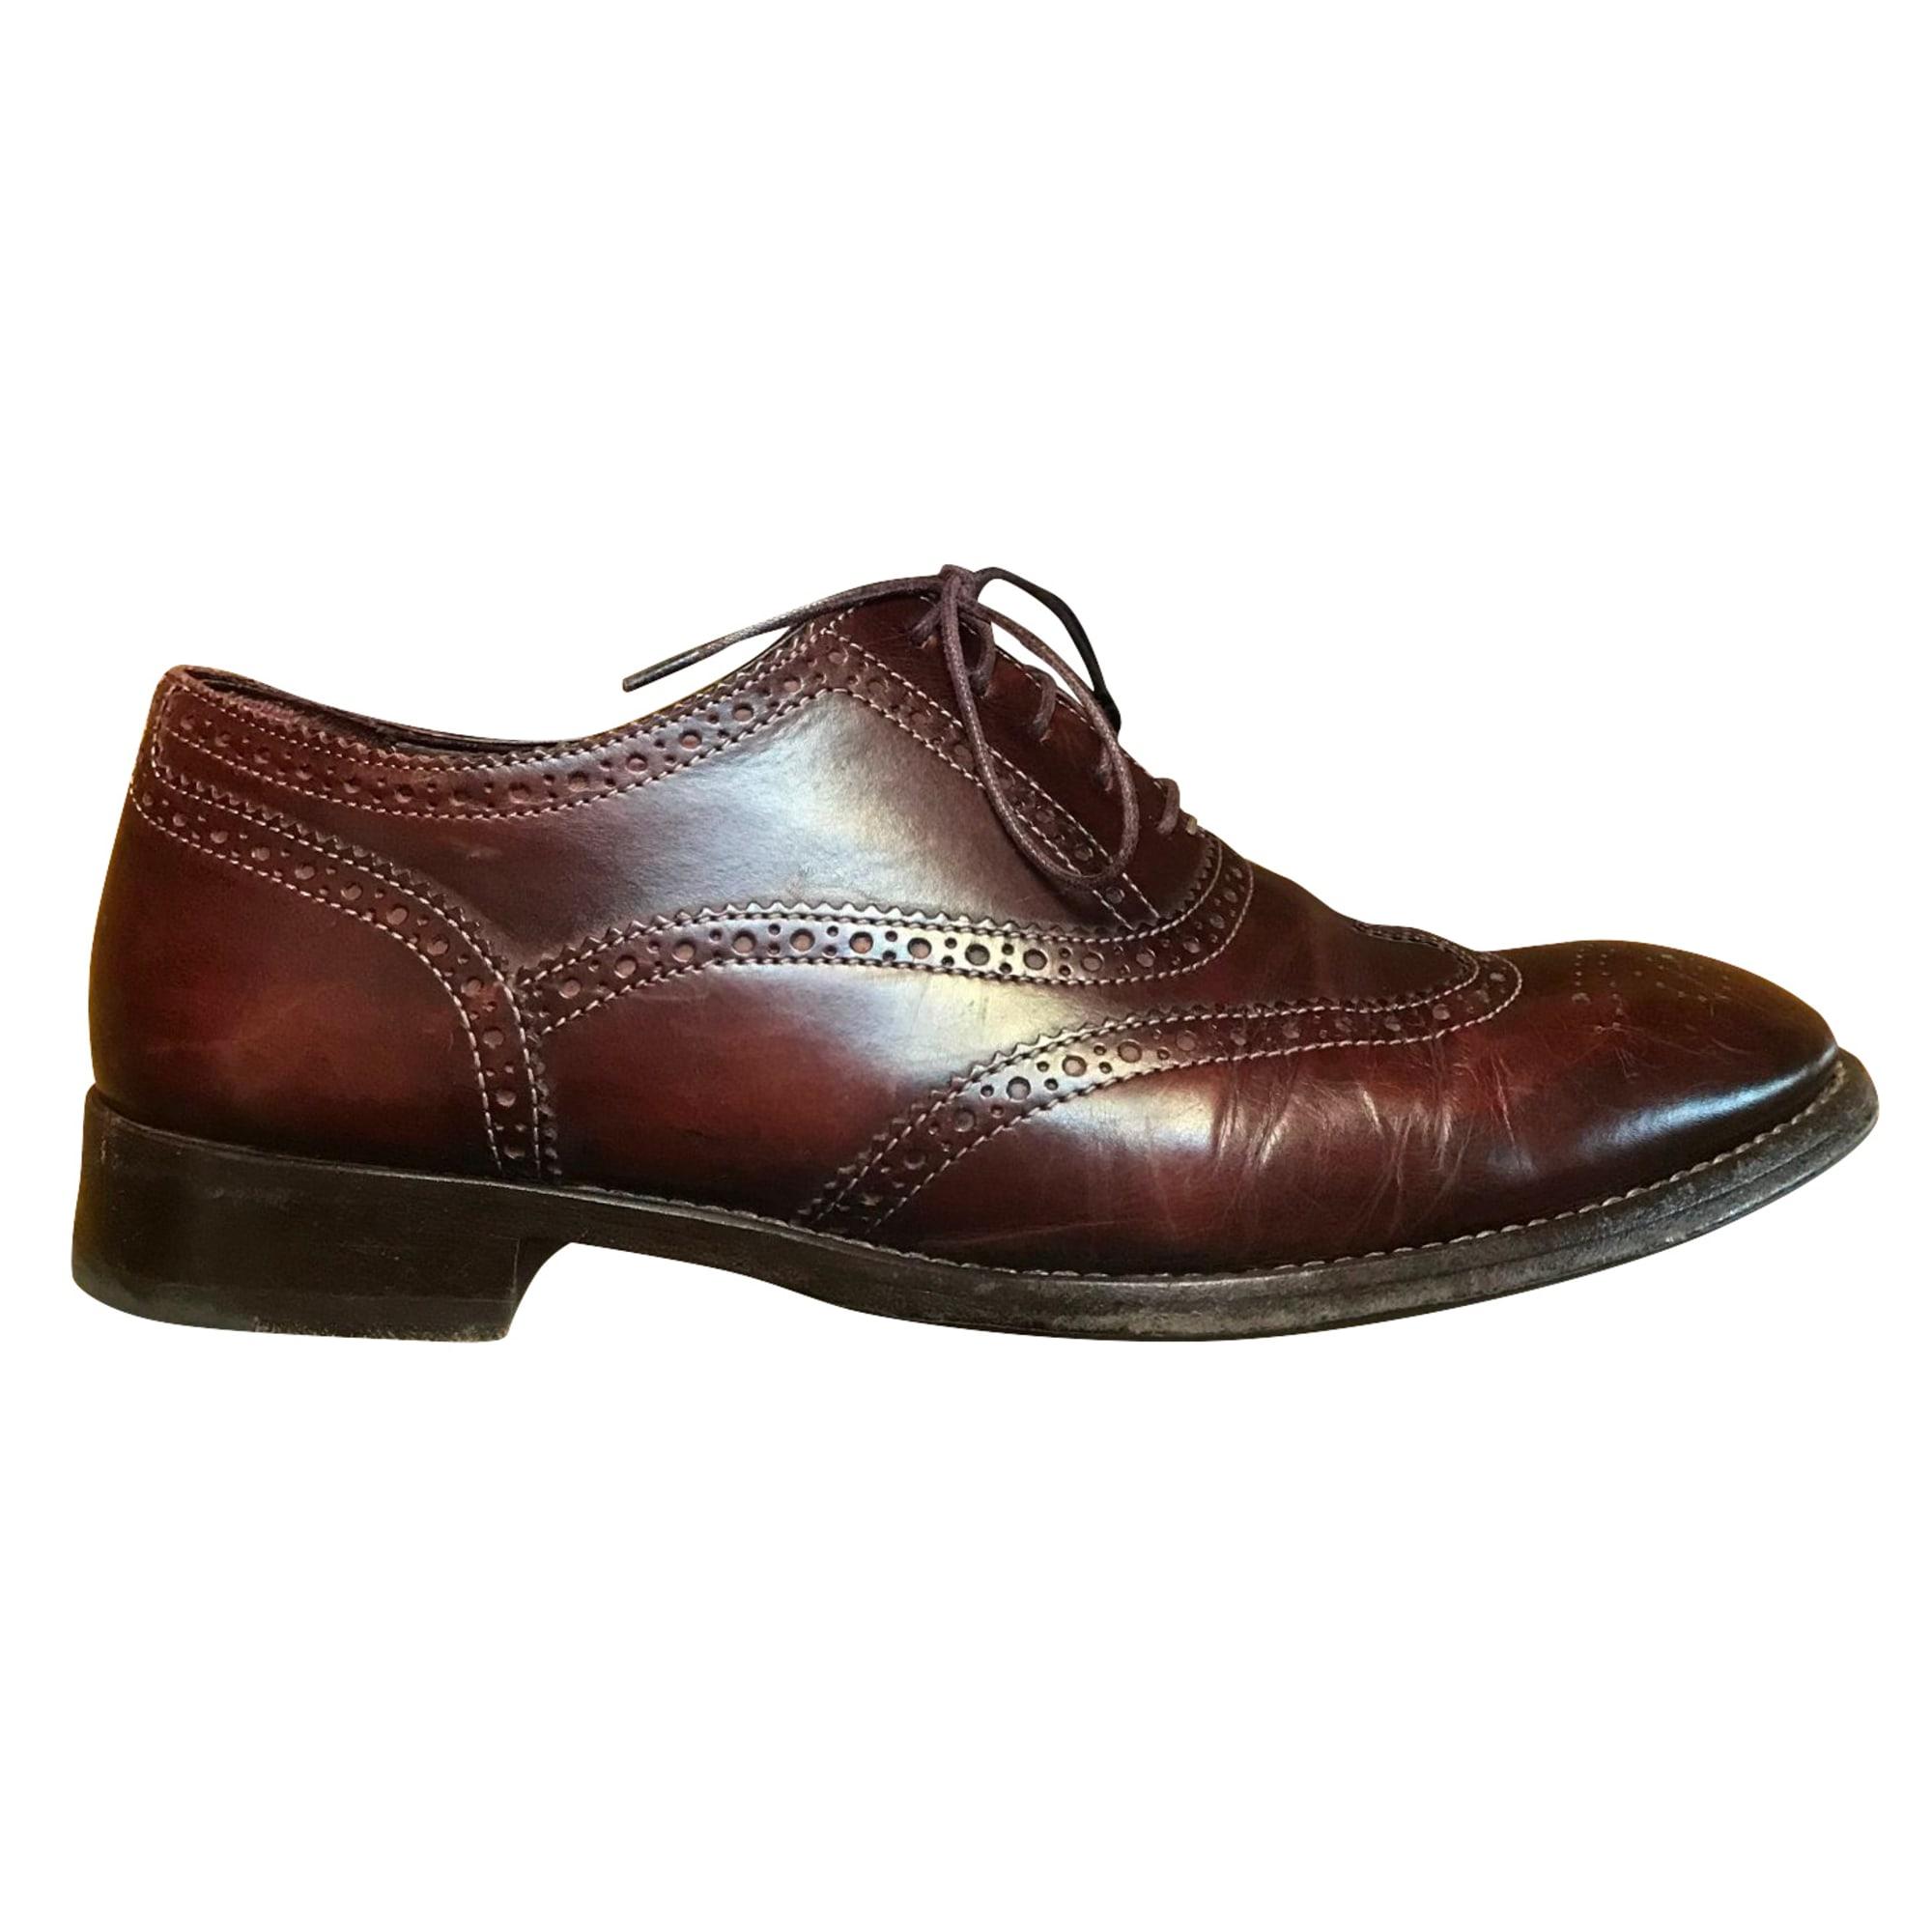 Chaussures à lacets PAUL SMITH Rouge, bordeaux